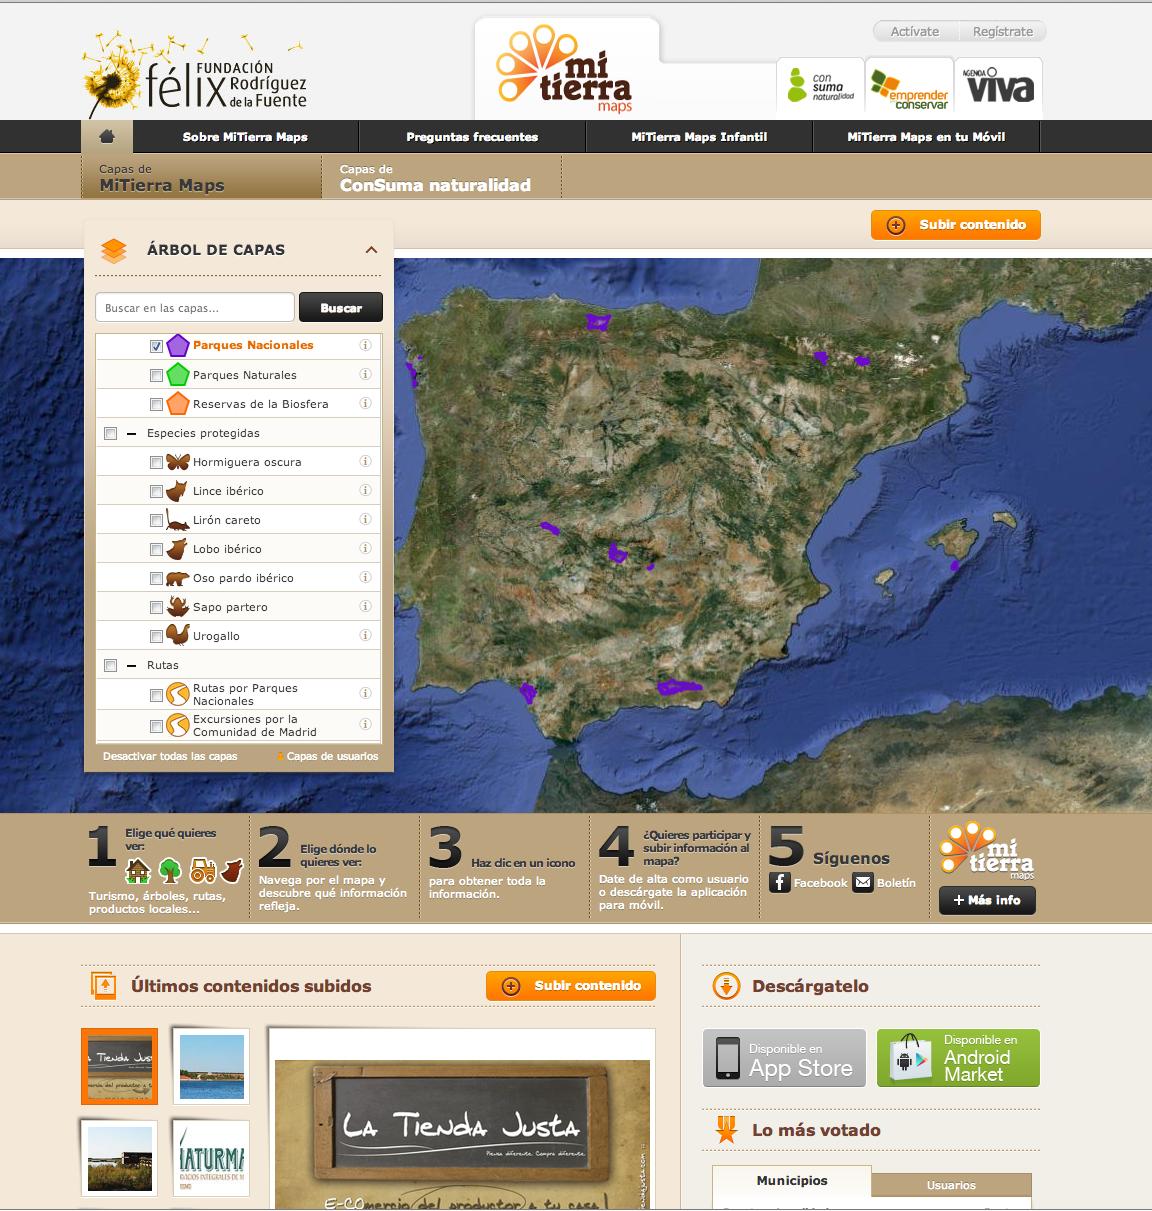 Captura de pantalla 2013-02-11 a la(s) 11.37.06